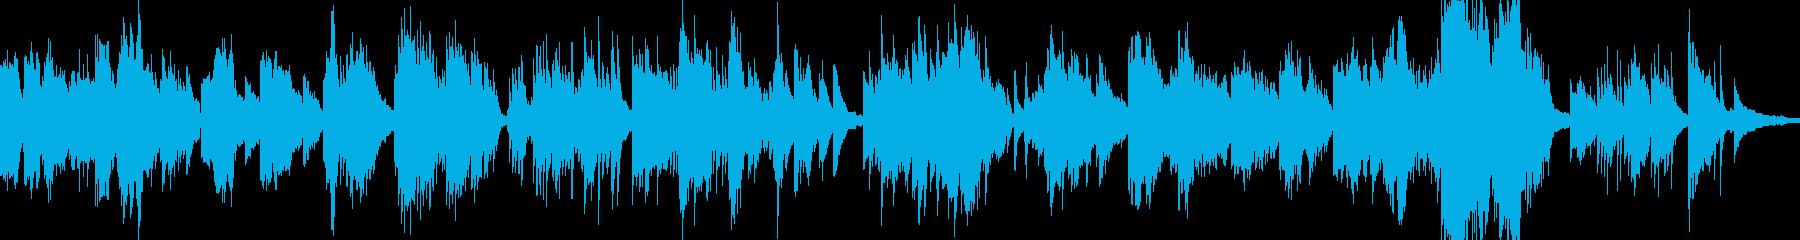 ピアノ。アルペジオ、メロディック。の再生済みの波形